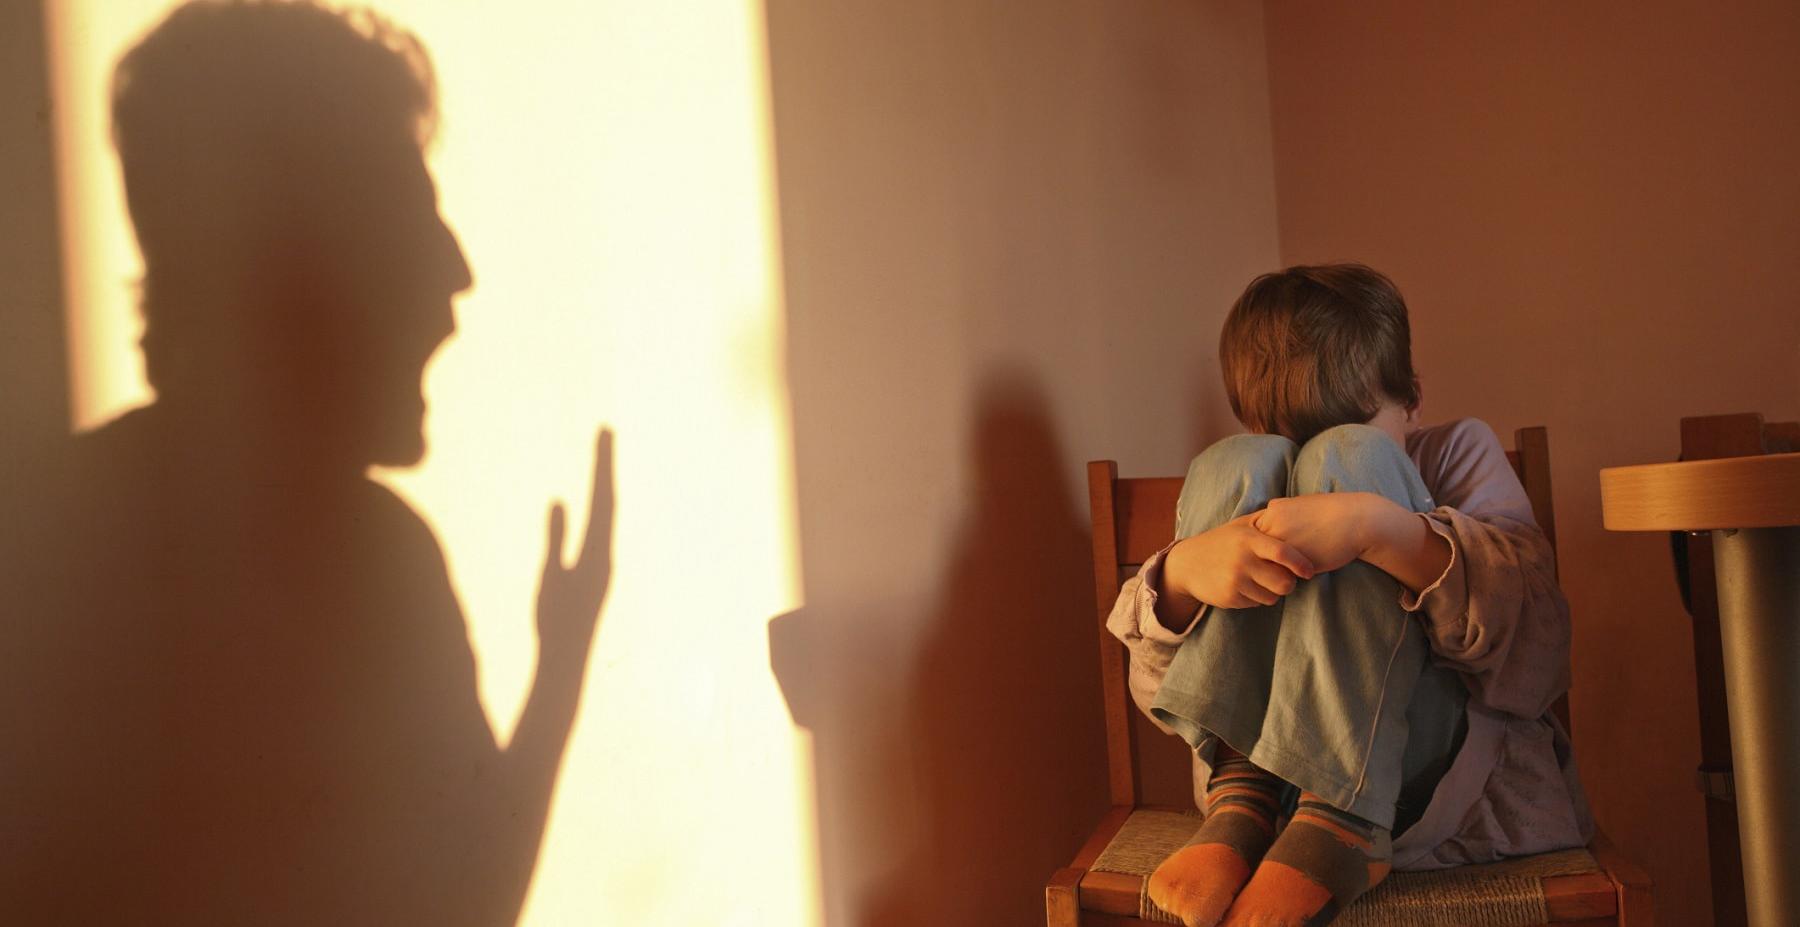 Як постійний крик на дитину, впливає на її здоров'я. Прочитайте та Не робіть цього!